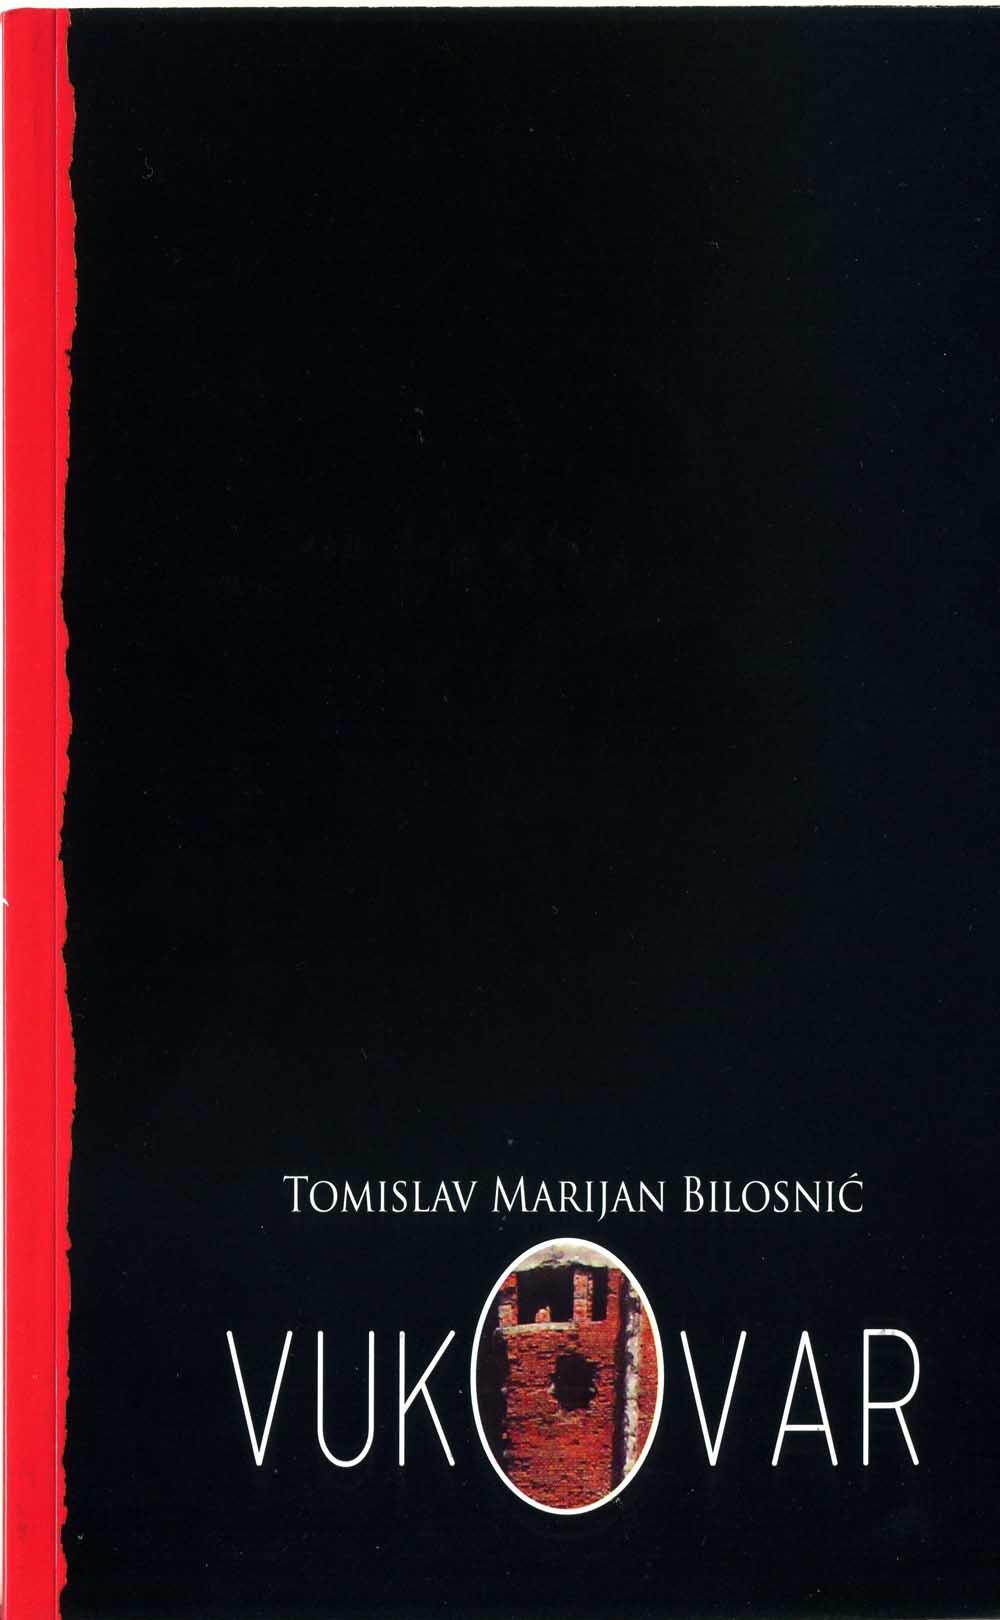 Tomislav Marijan Bilosnic 2